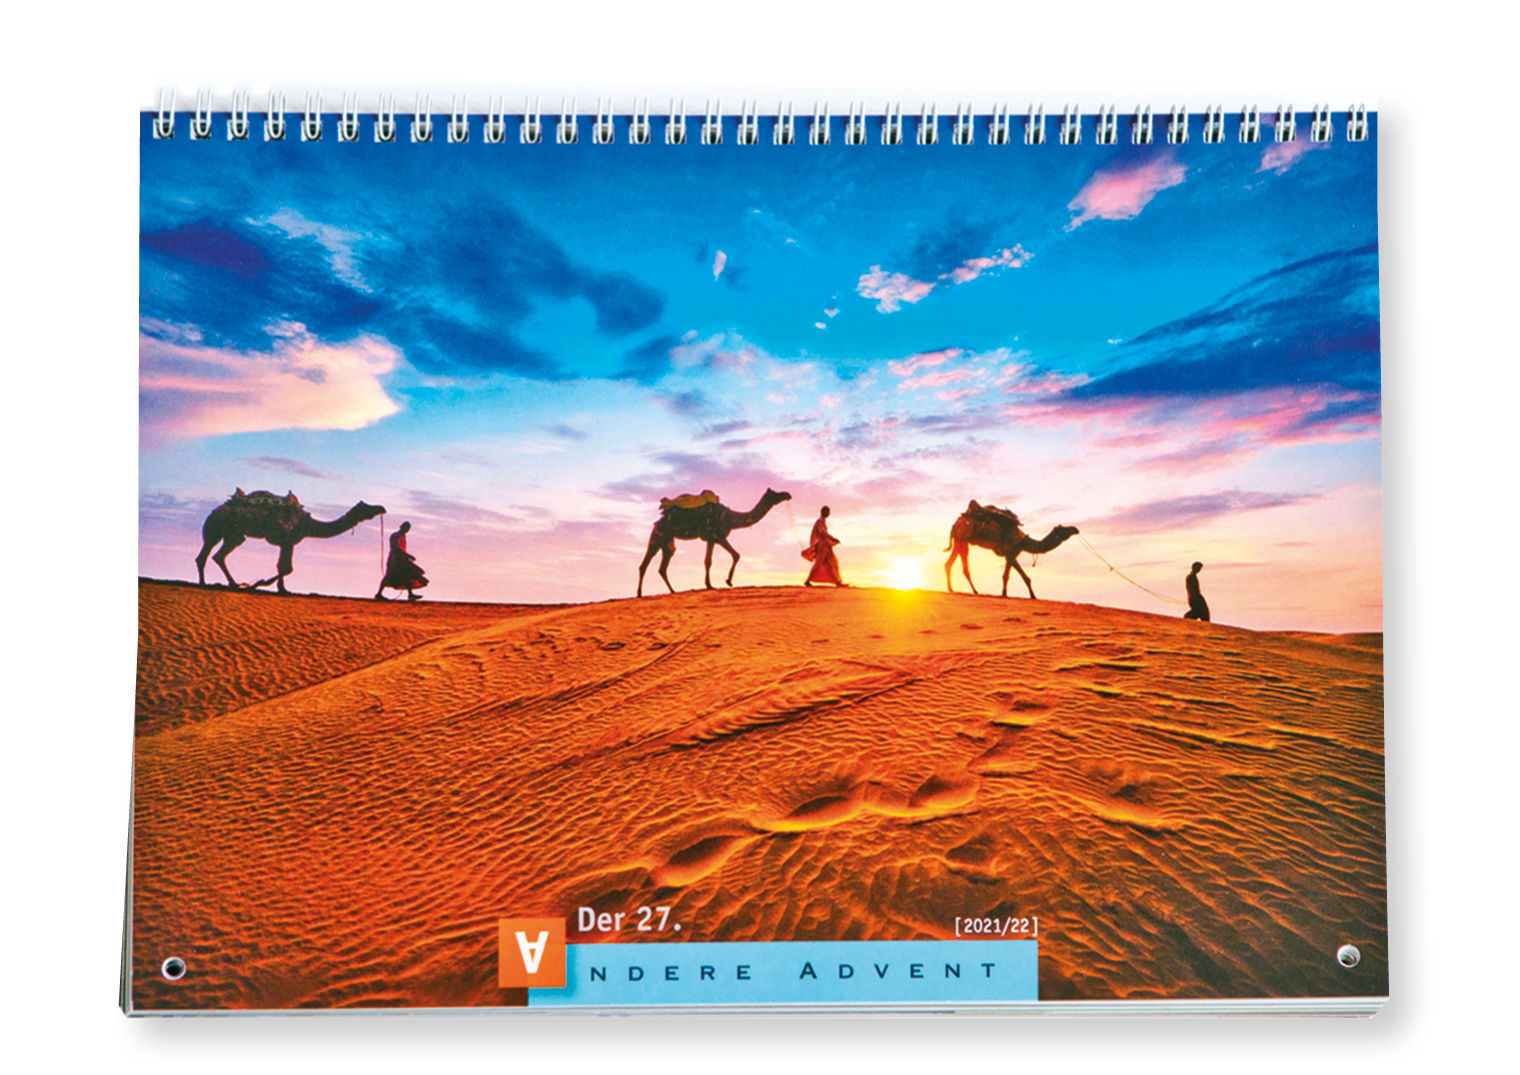 Der Titel des Anderen Advent zeigt 2021 eine Karawane mit drei Kamelen in der Wüste